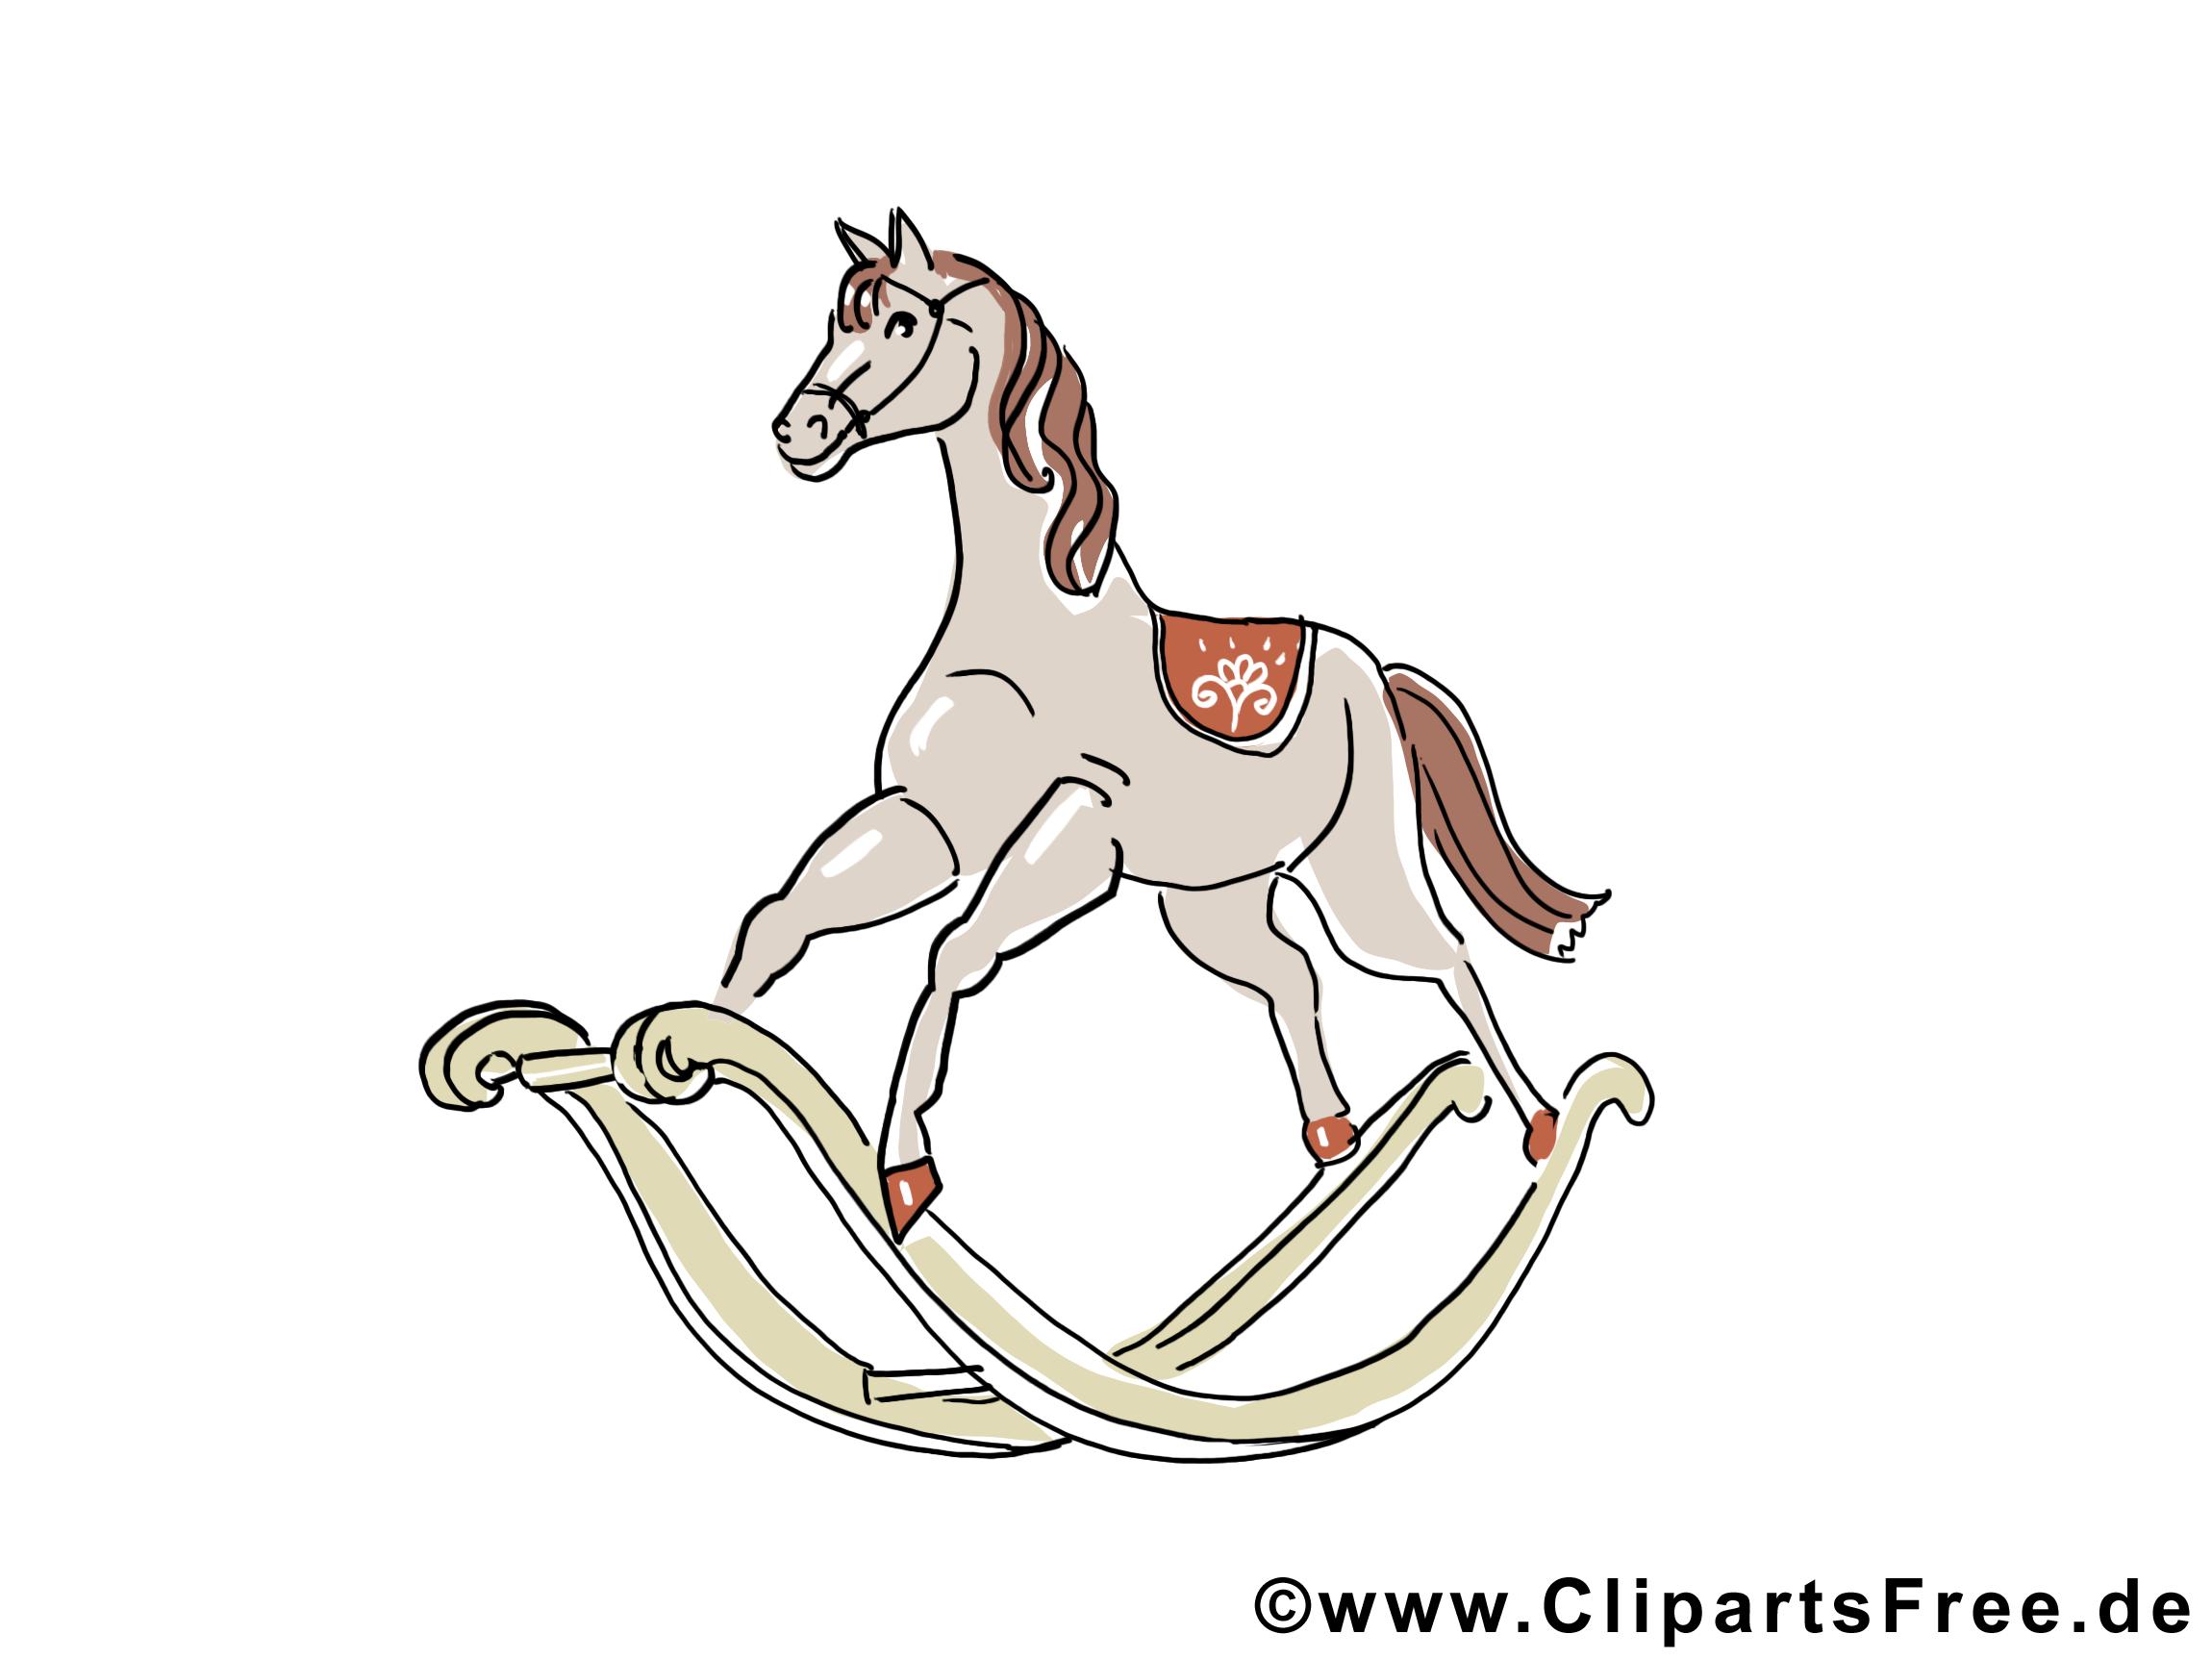 Clipart Cheval Gratuit cheval en bois clipart gratuit - jouet images - divers dessin